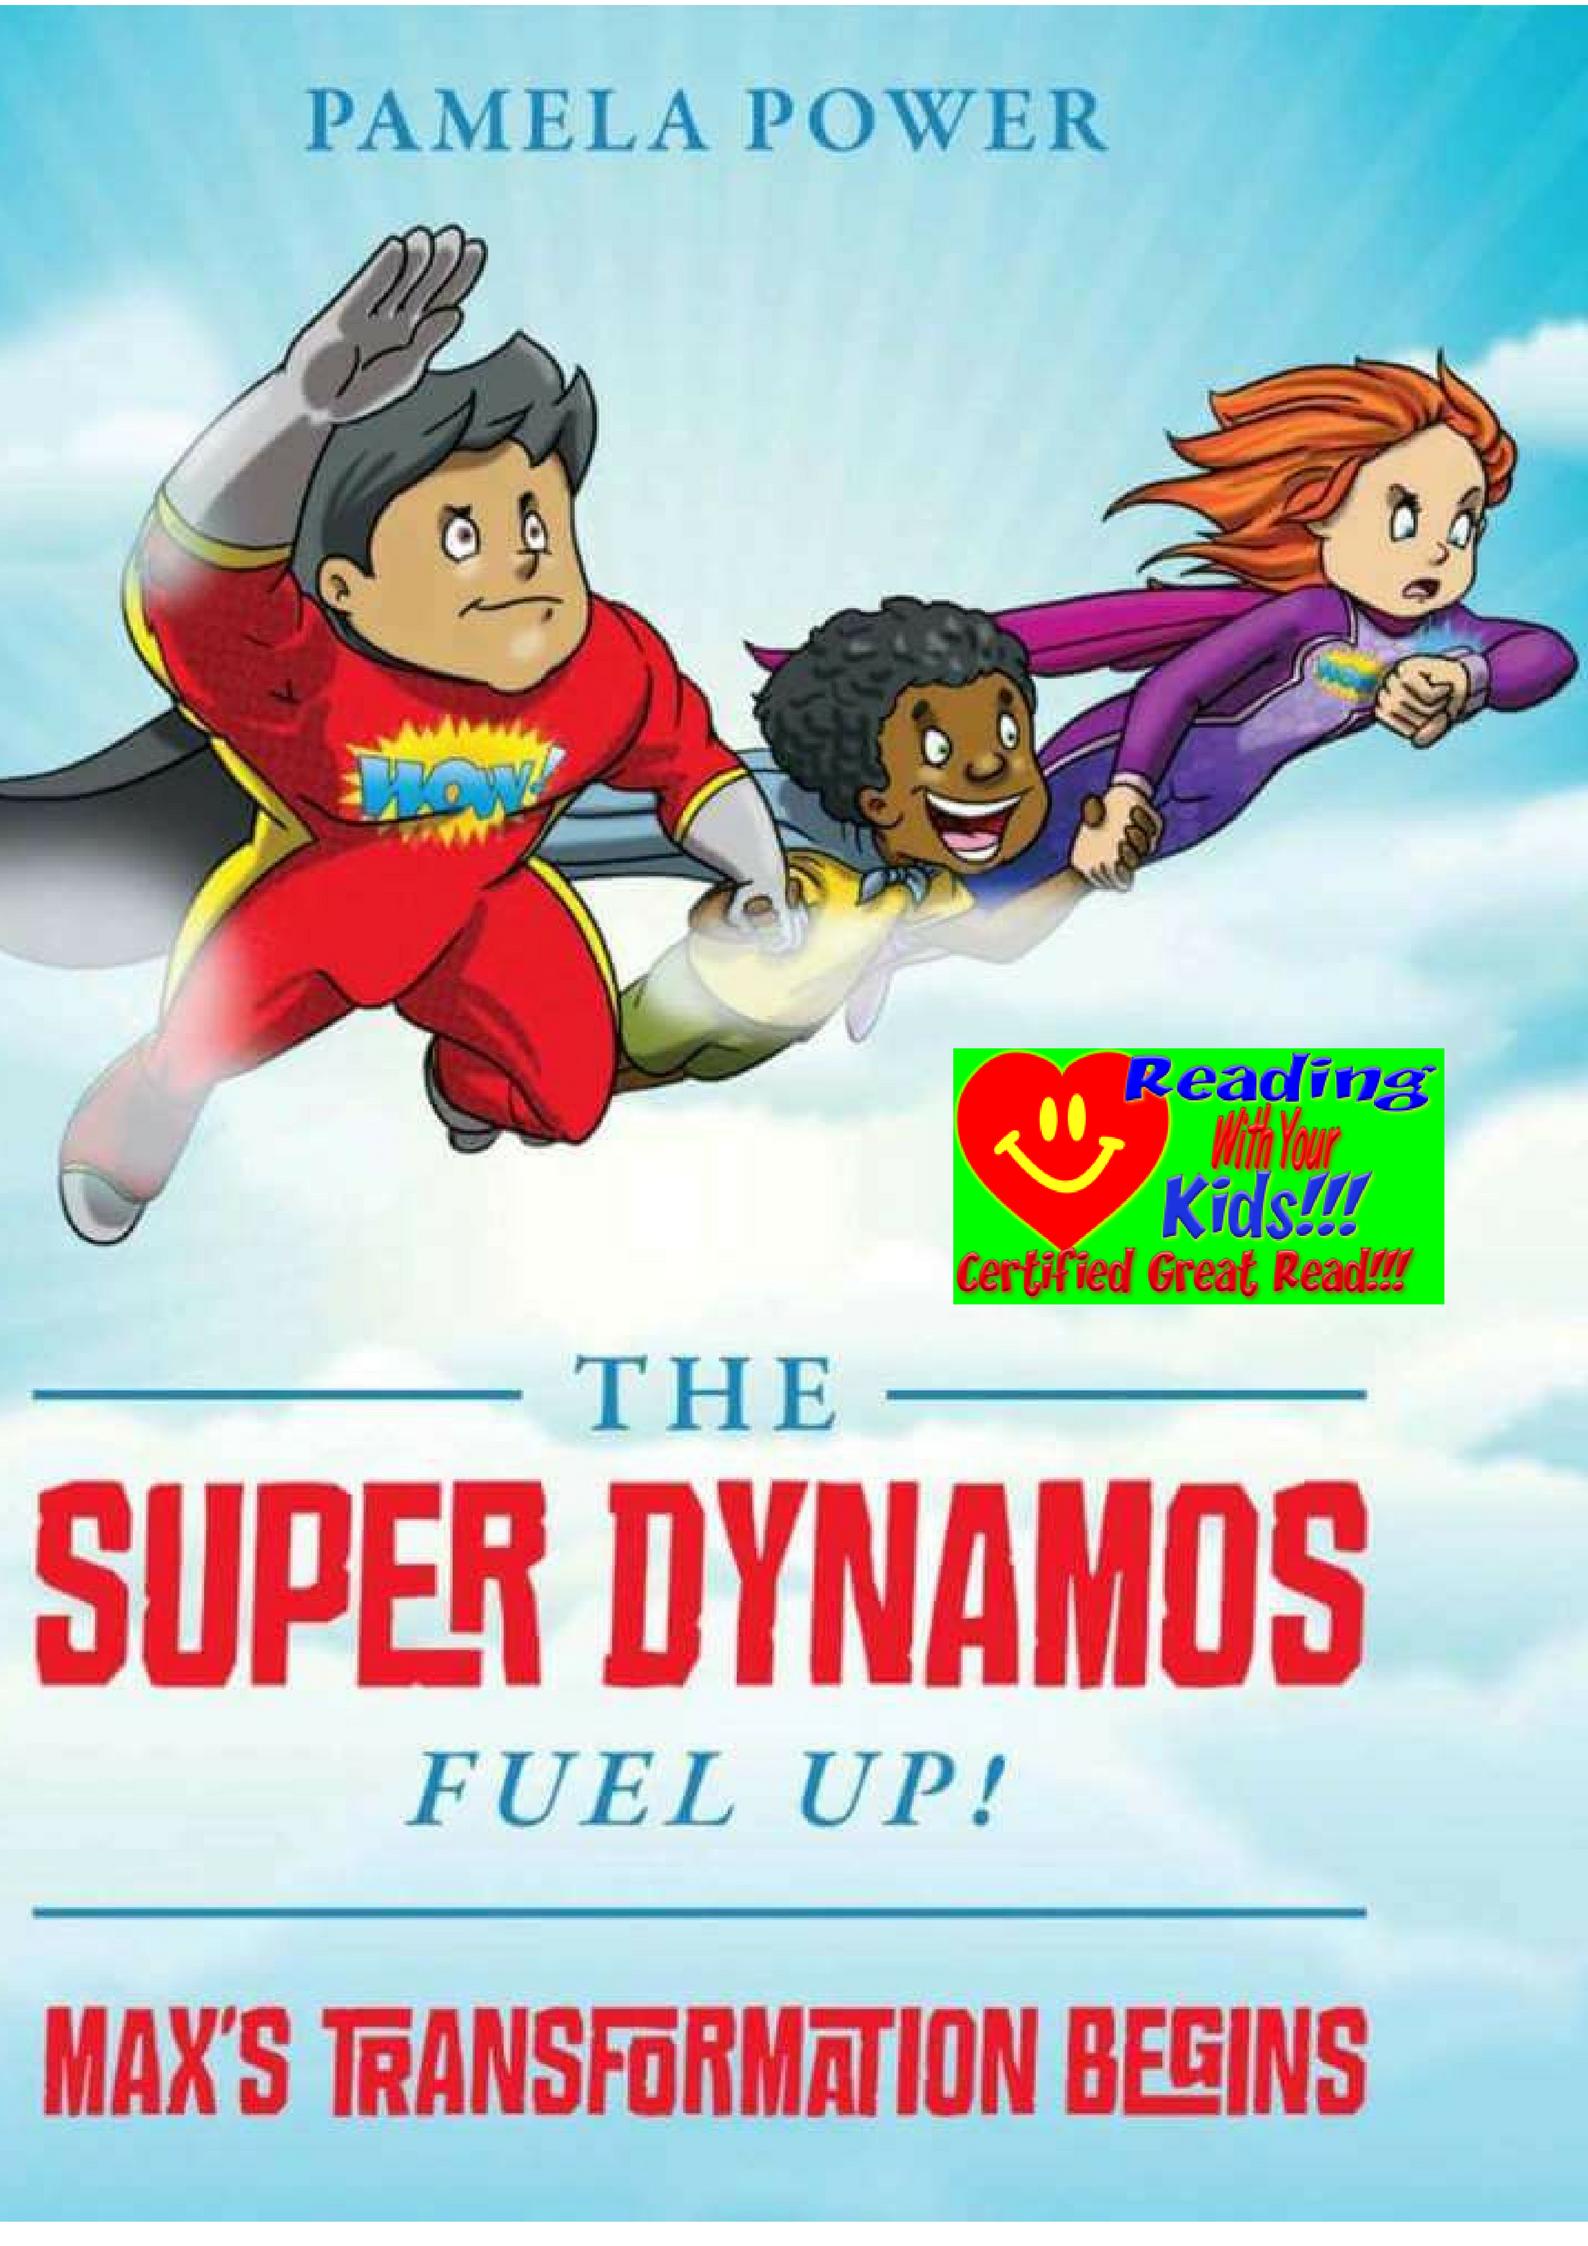 The Super Dynamos